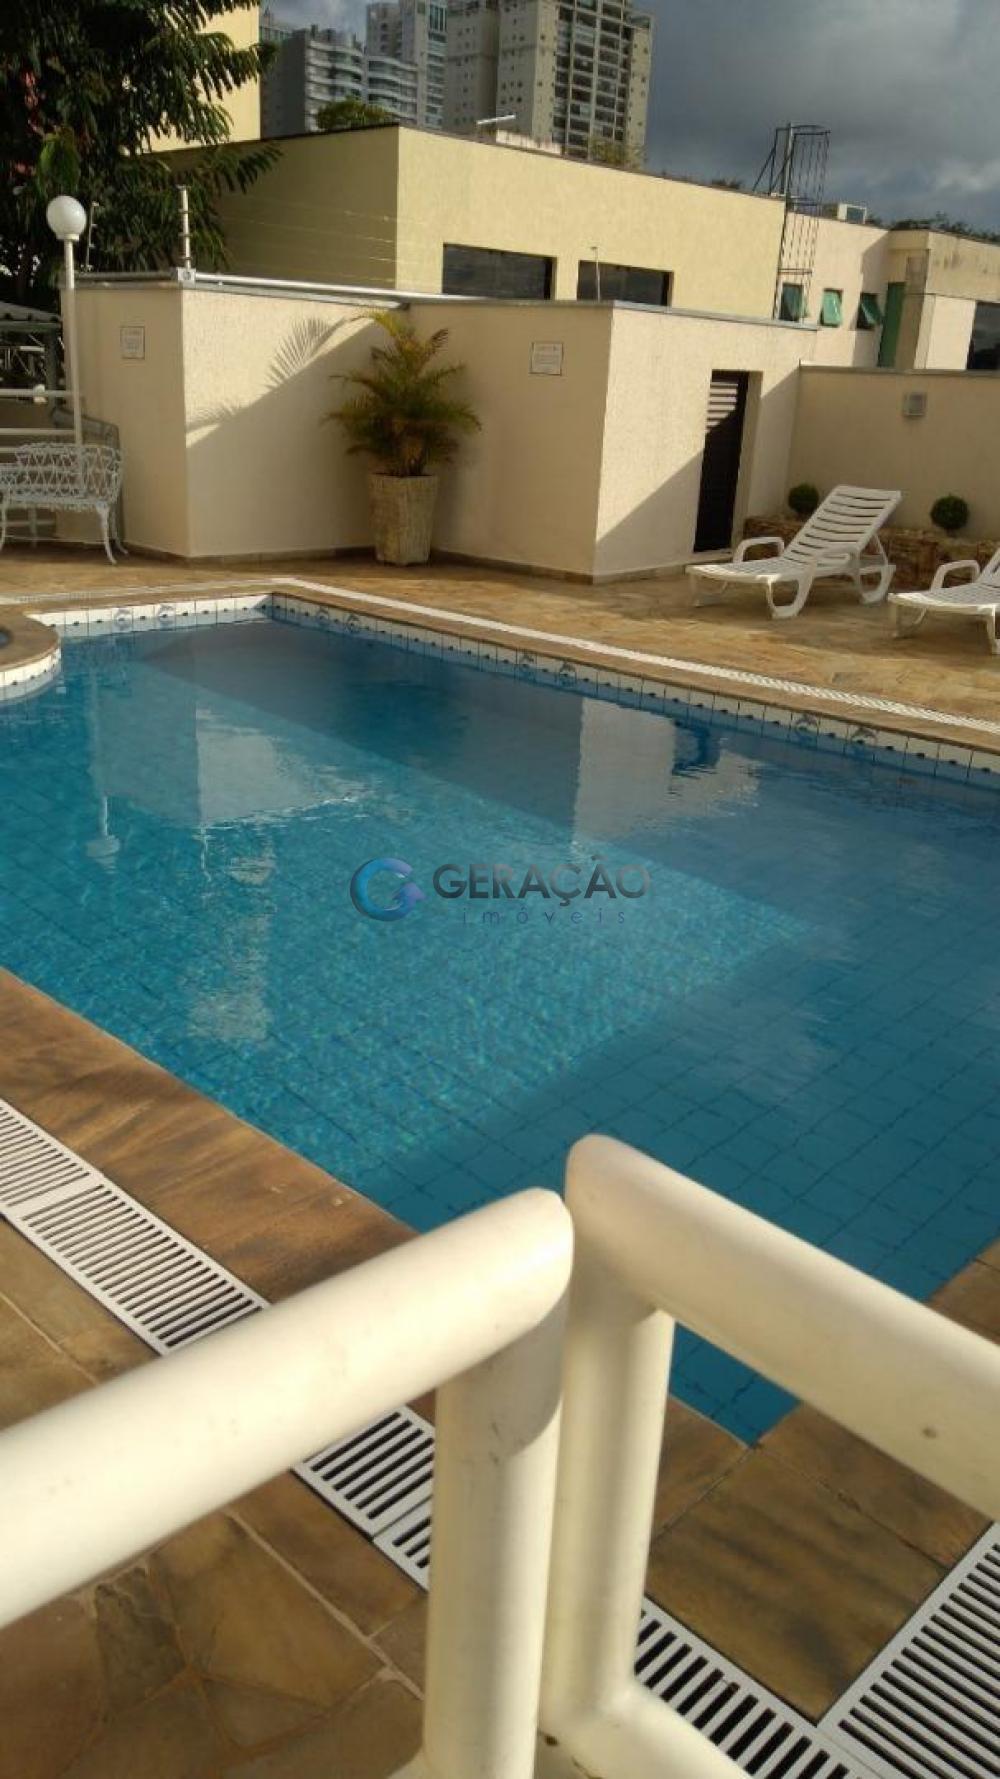 Alugar Apartamento / Padrão em São José dos Campos R$ 2.500,00 - Foto 40